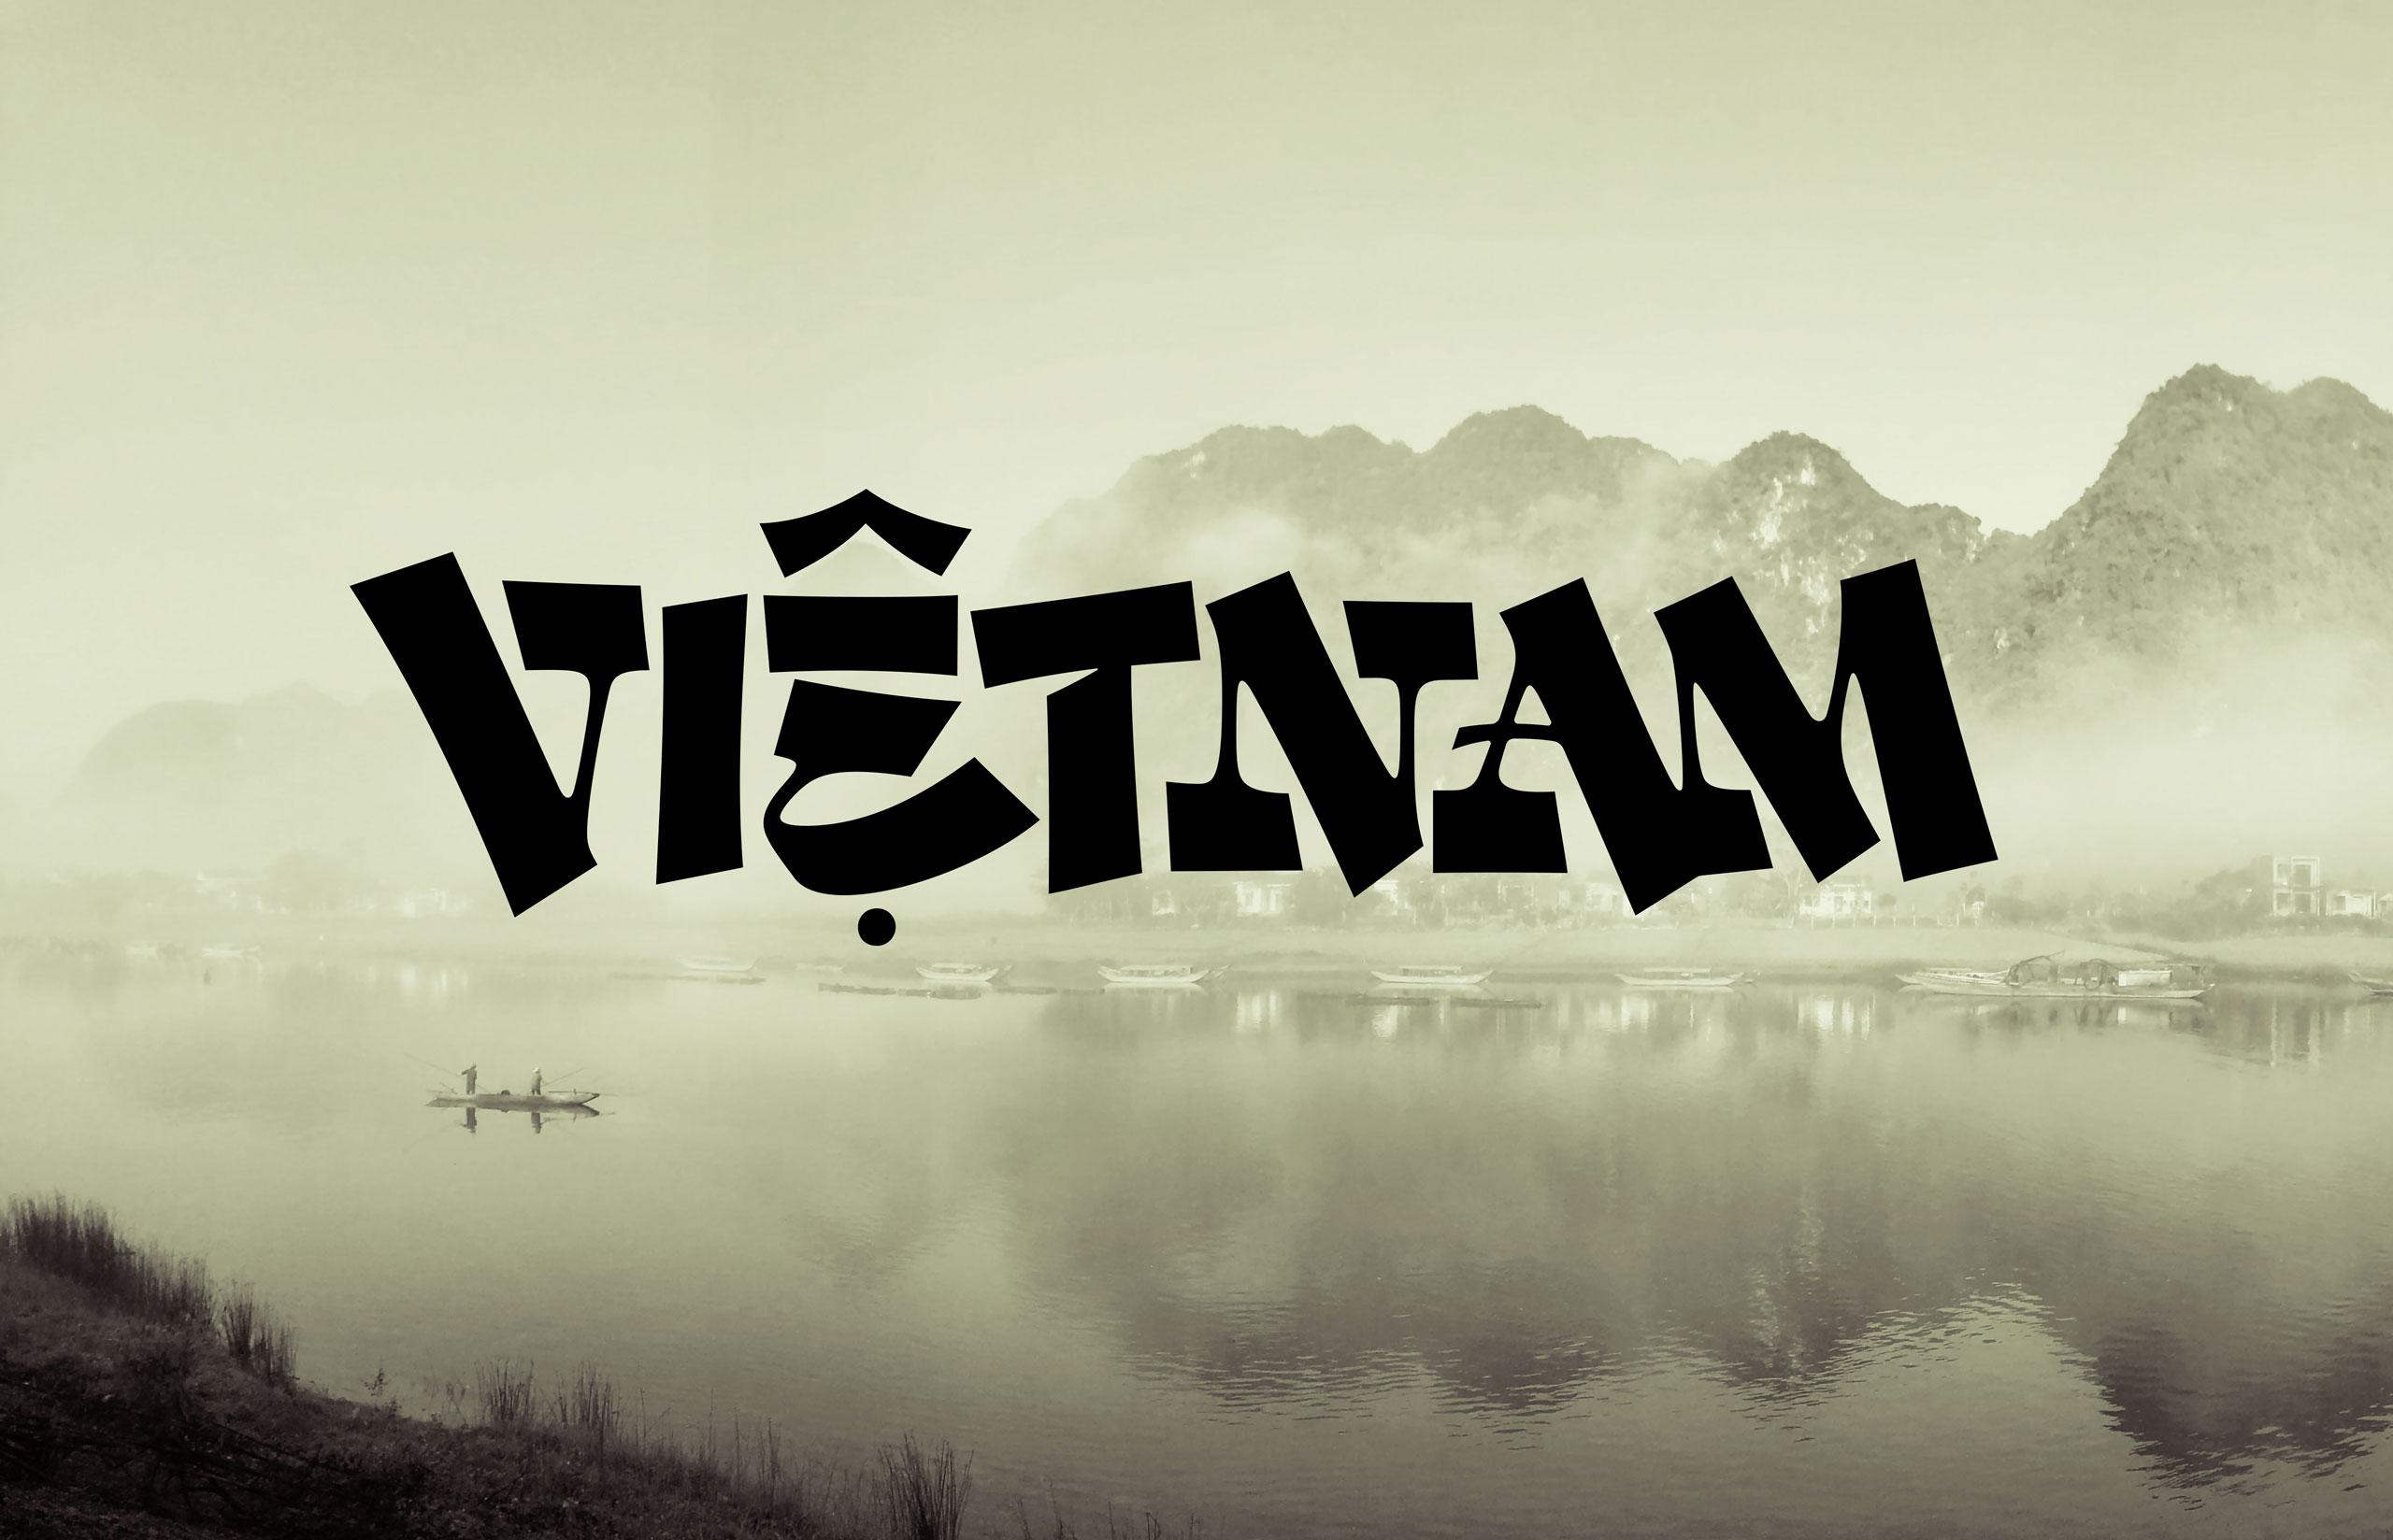 Dan Forster Vietnam Custom Lettering